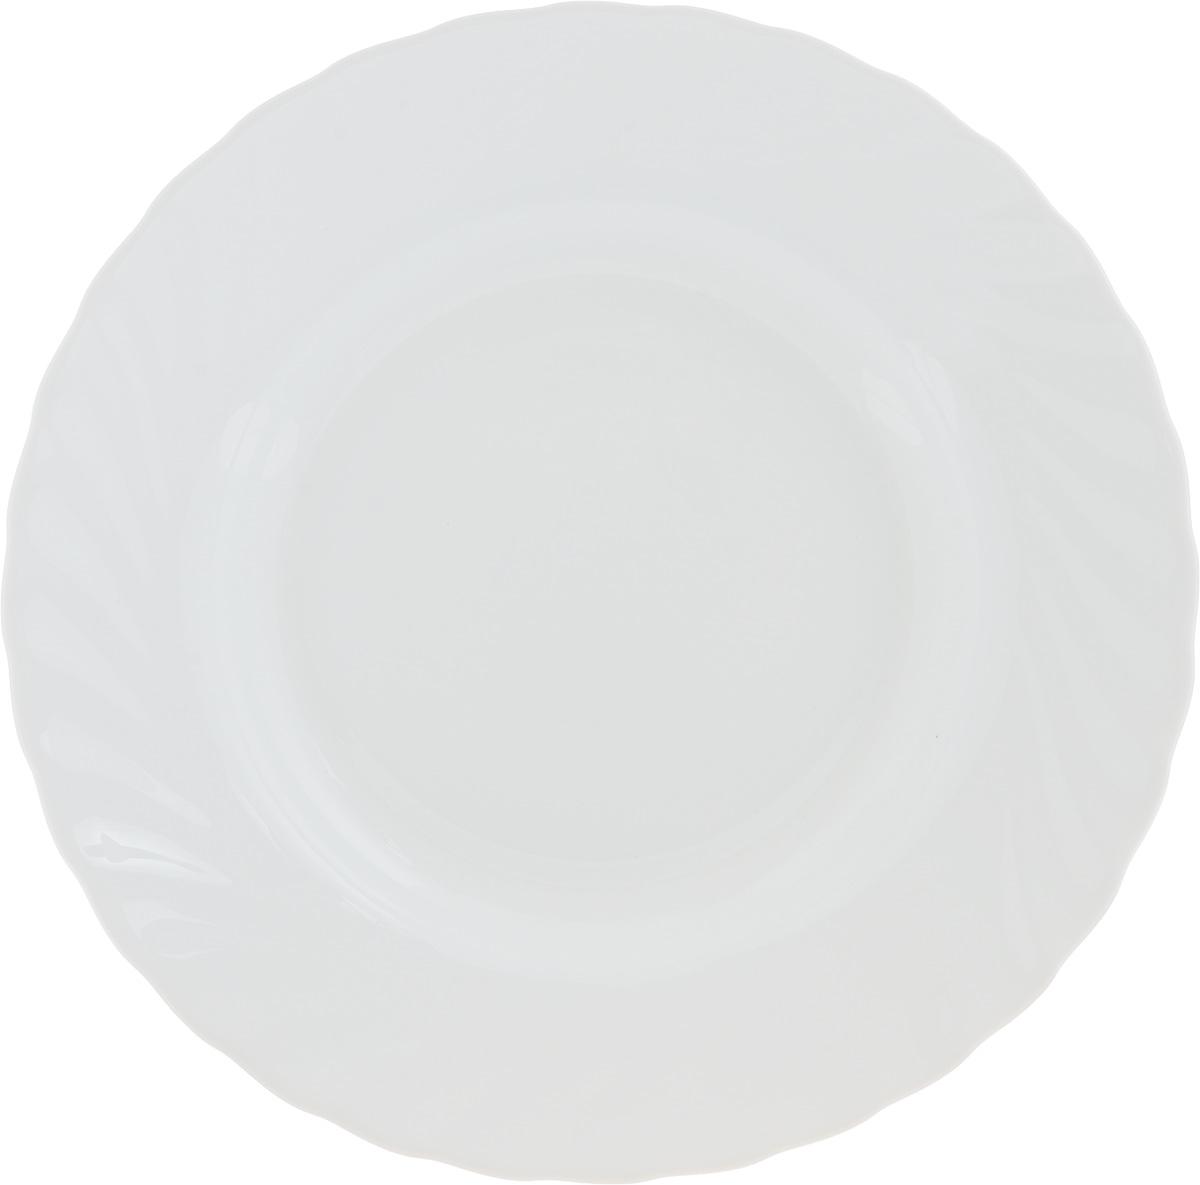 Тарелка суповая Luminarc Trianon White, диаметр 22 см61260Суповая тарелка Luminarc Trianon White, выполненная из высококачественной стеклокерамики, оформлена в классическом стиле. Изящный дизайн придется по вкусу и ценителям классики, и тем, кто предпочитает утонченность. Тарелка Chinbull идеально подойдет для сервировки стола и станет отличным подарком к любому празднику. Диаметр (по верхнему краю): 22 см. Высота стенки: 6 см.